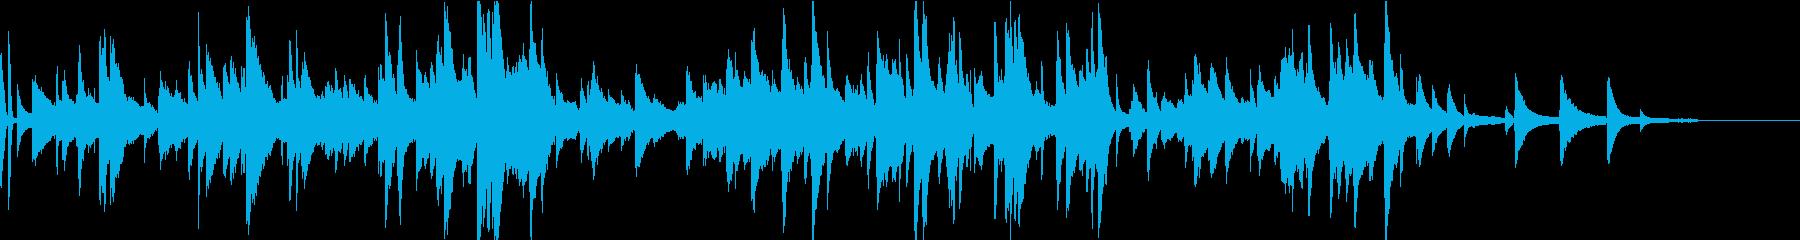 夜のバーで会話するシーンをイメージした曲の再生済みの波形